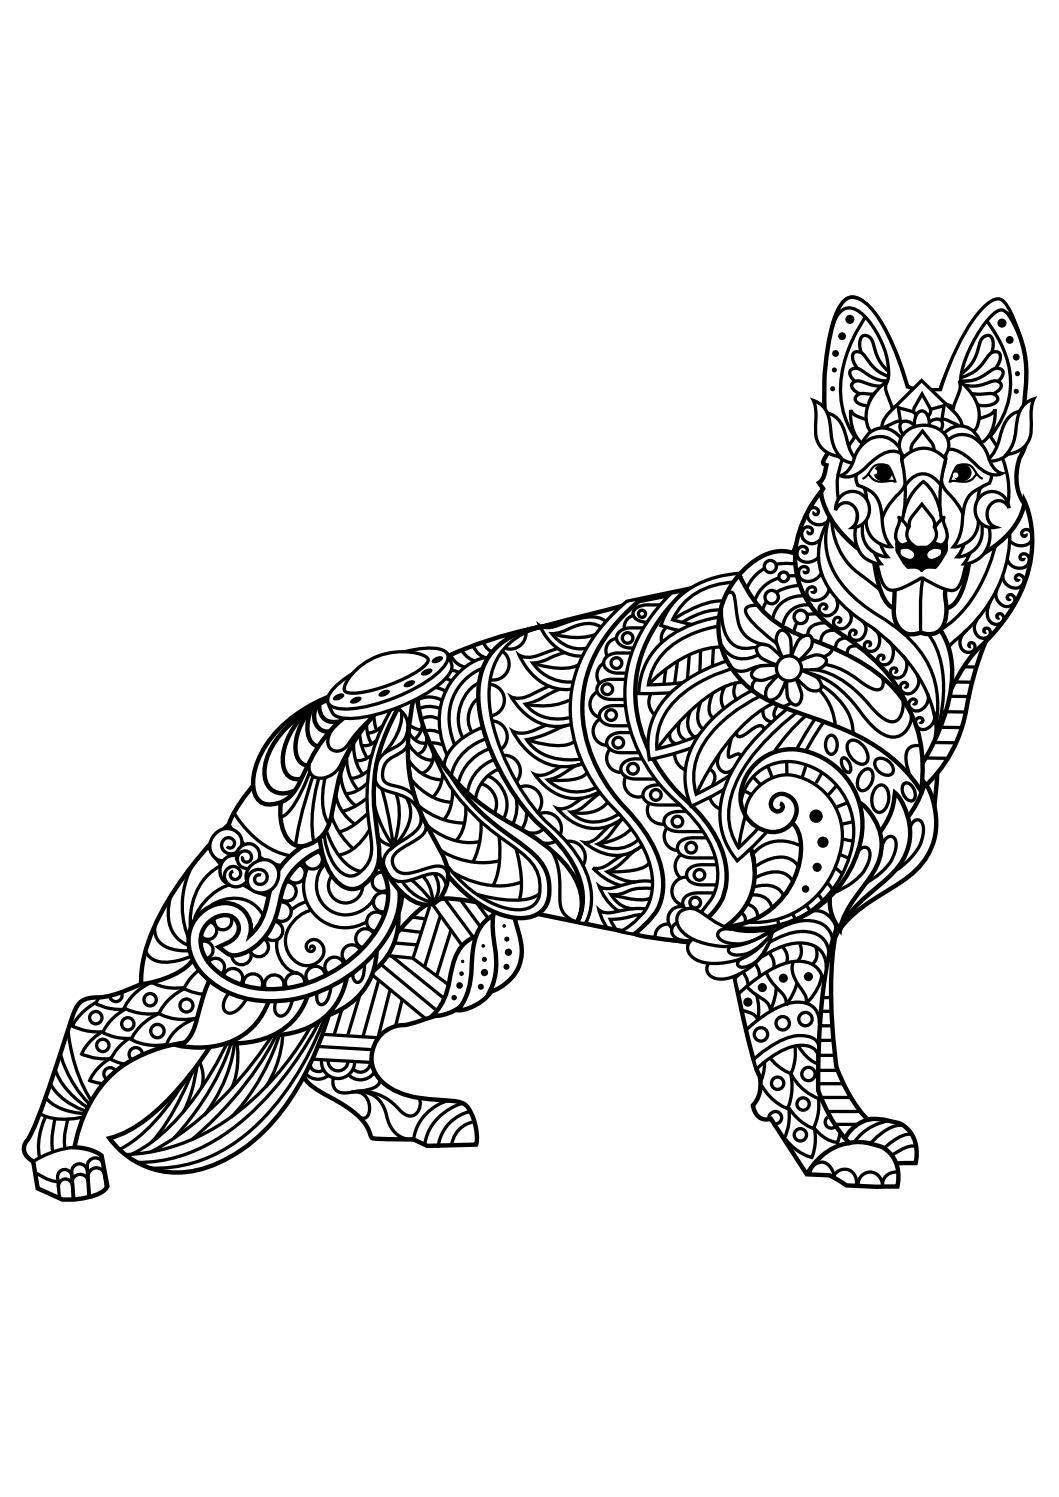 Animal coloring pages pdf kurtlar wolf pinterest coloring